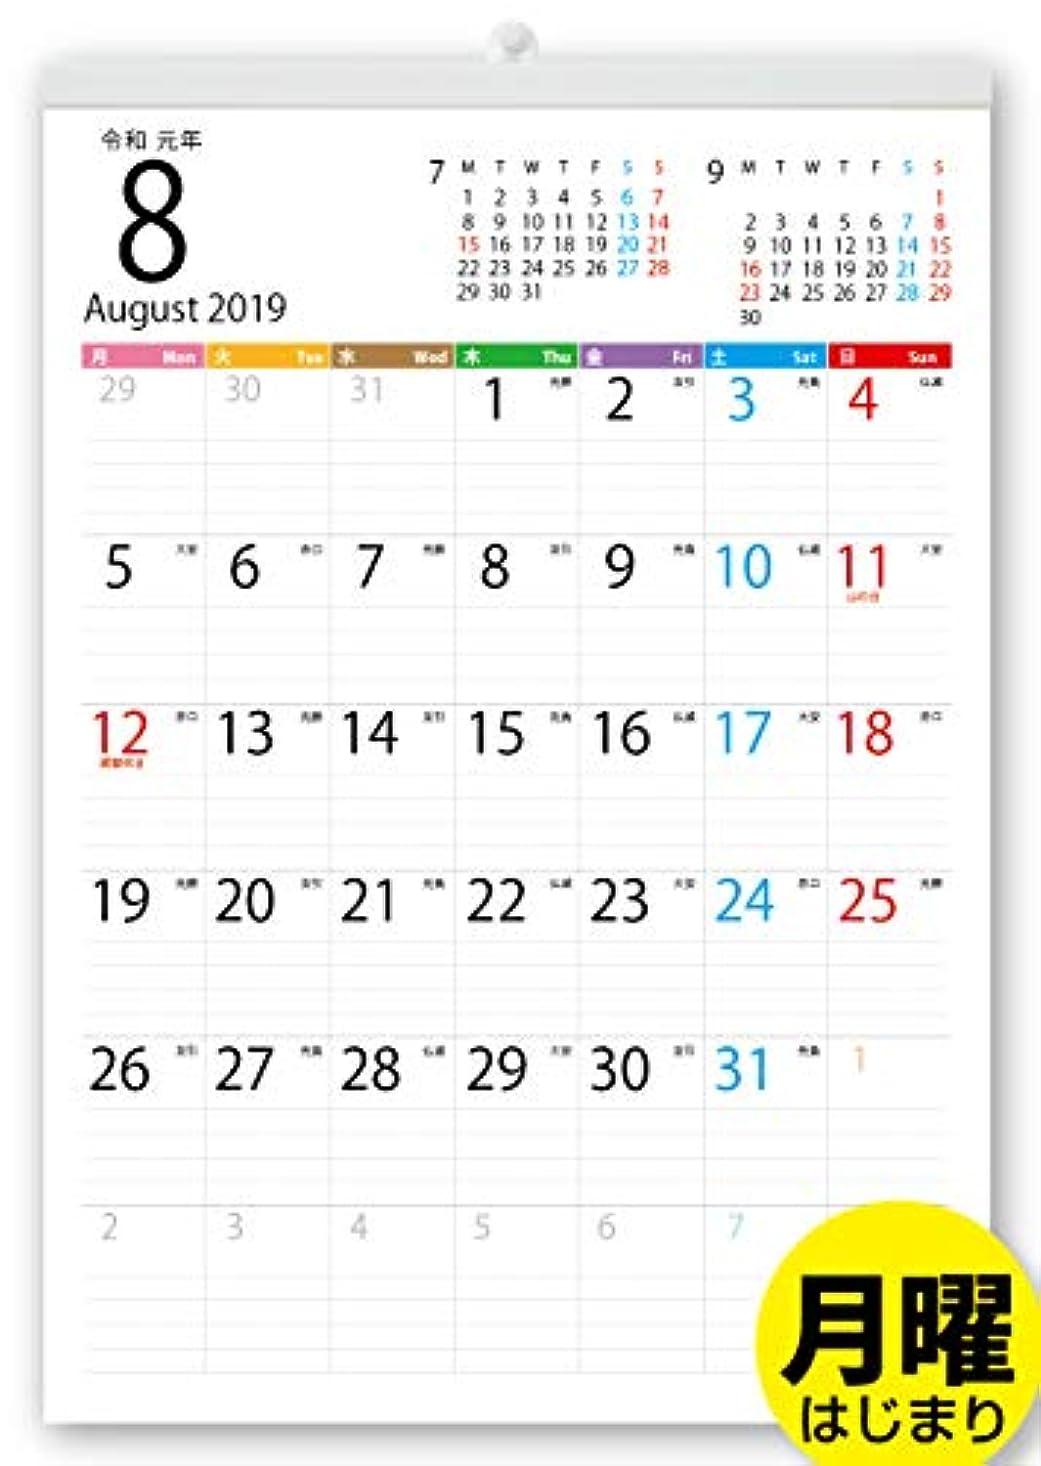 バランス引用乳製品ボーナス付 2019年8月~(2020年8月付)月曜はじまり タテ長ファミリー壁掛けカレンダー(六曜入) A3サイズ[H]